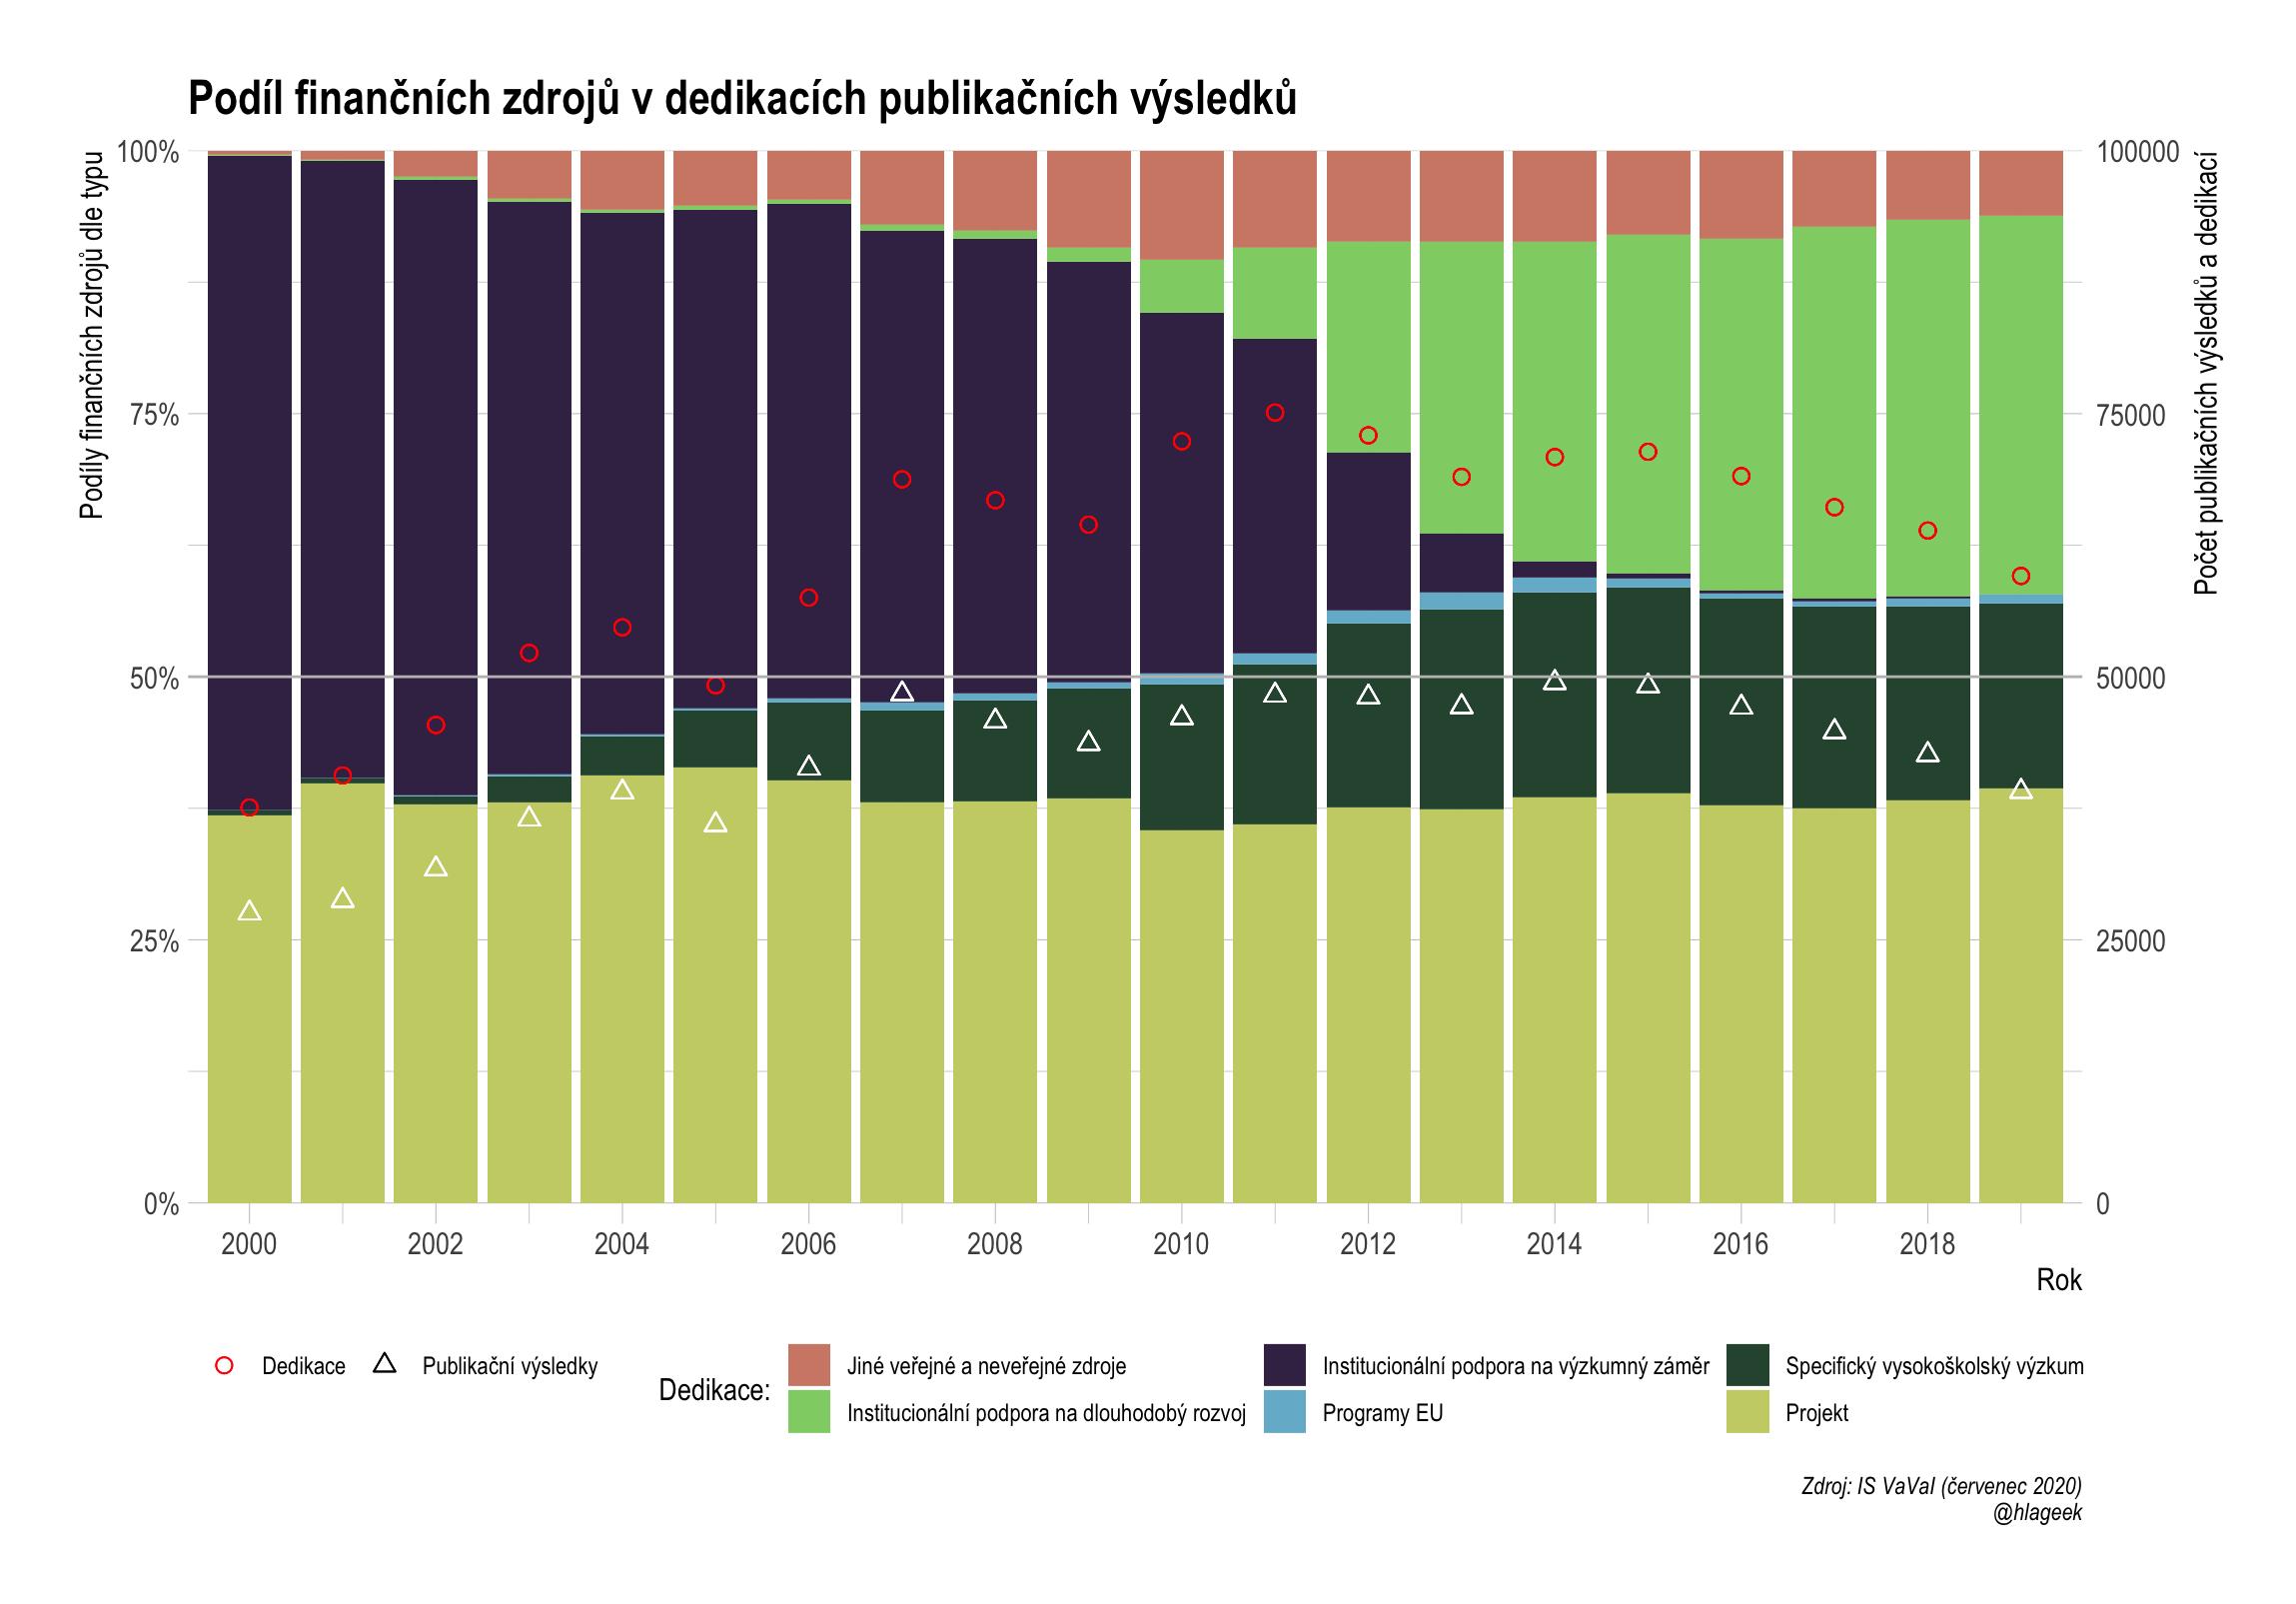 Podíl finančních zdrojů v dedikacích publikačních výsledků české vědy